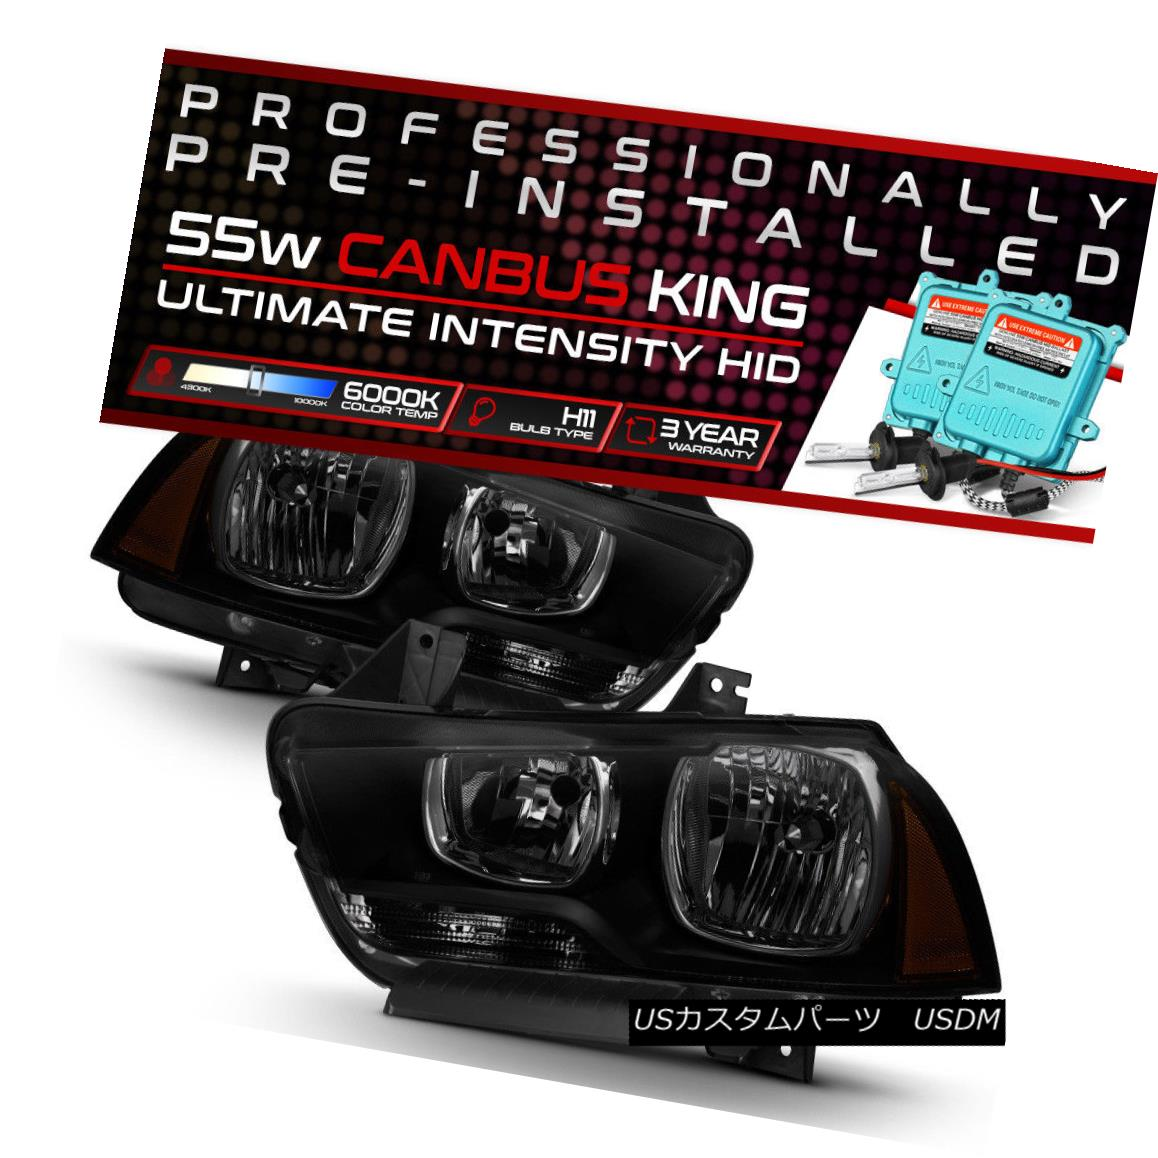 ヘッドライト !55W HID Built-In! 11-14 Dodge Charger Black Smoked Replacement Headlight Lamp !55W HID内蔵! 11-14ダッジチャージャー黒色スモーク交換ヘッドライトランプ